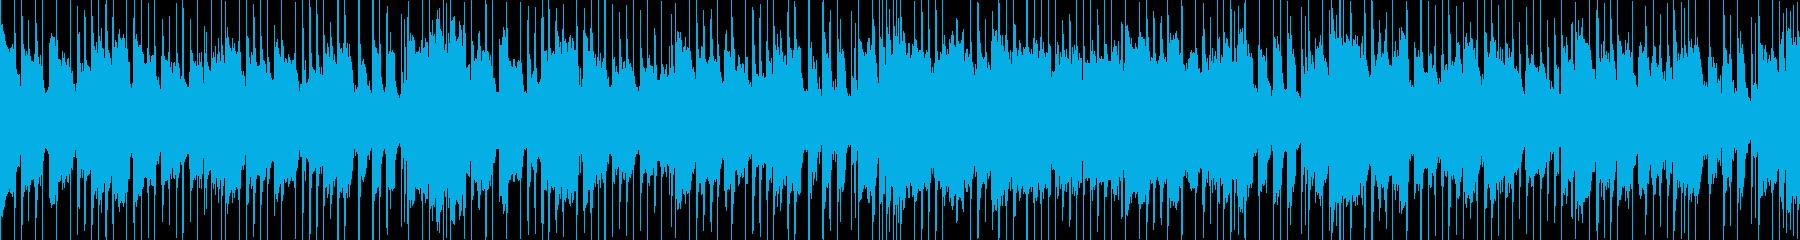 明るいコンテンツ向けポップ ループBGMの再生済みの波形